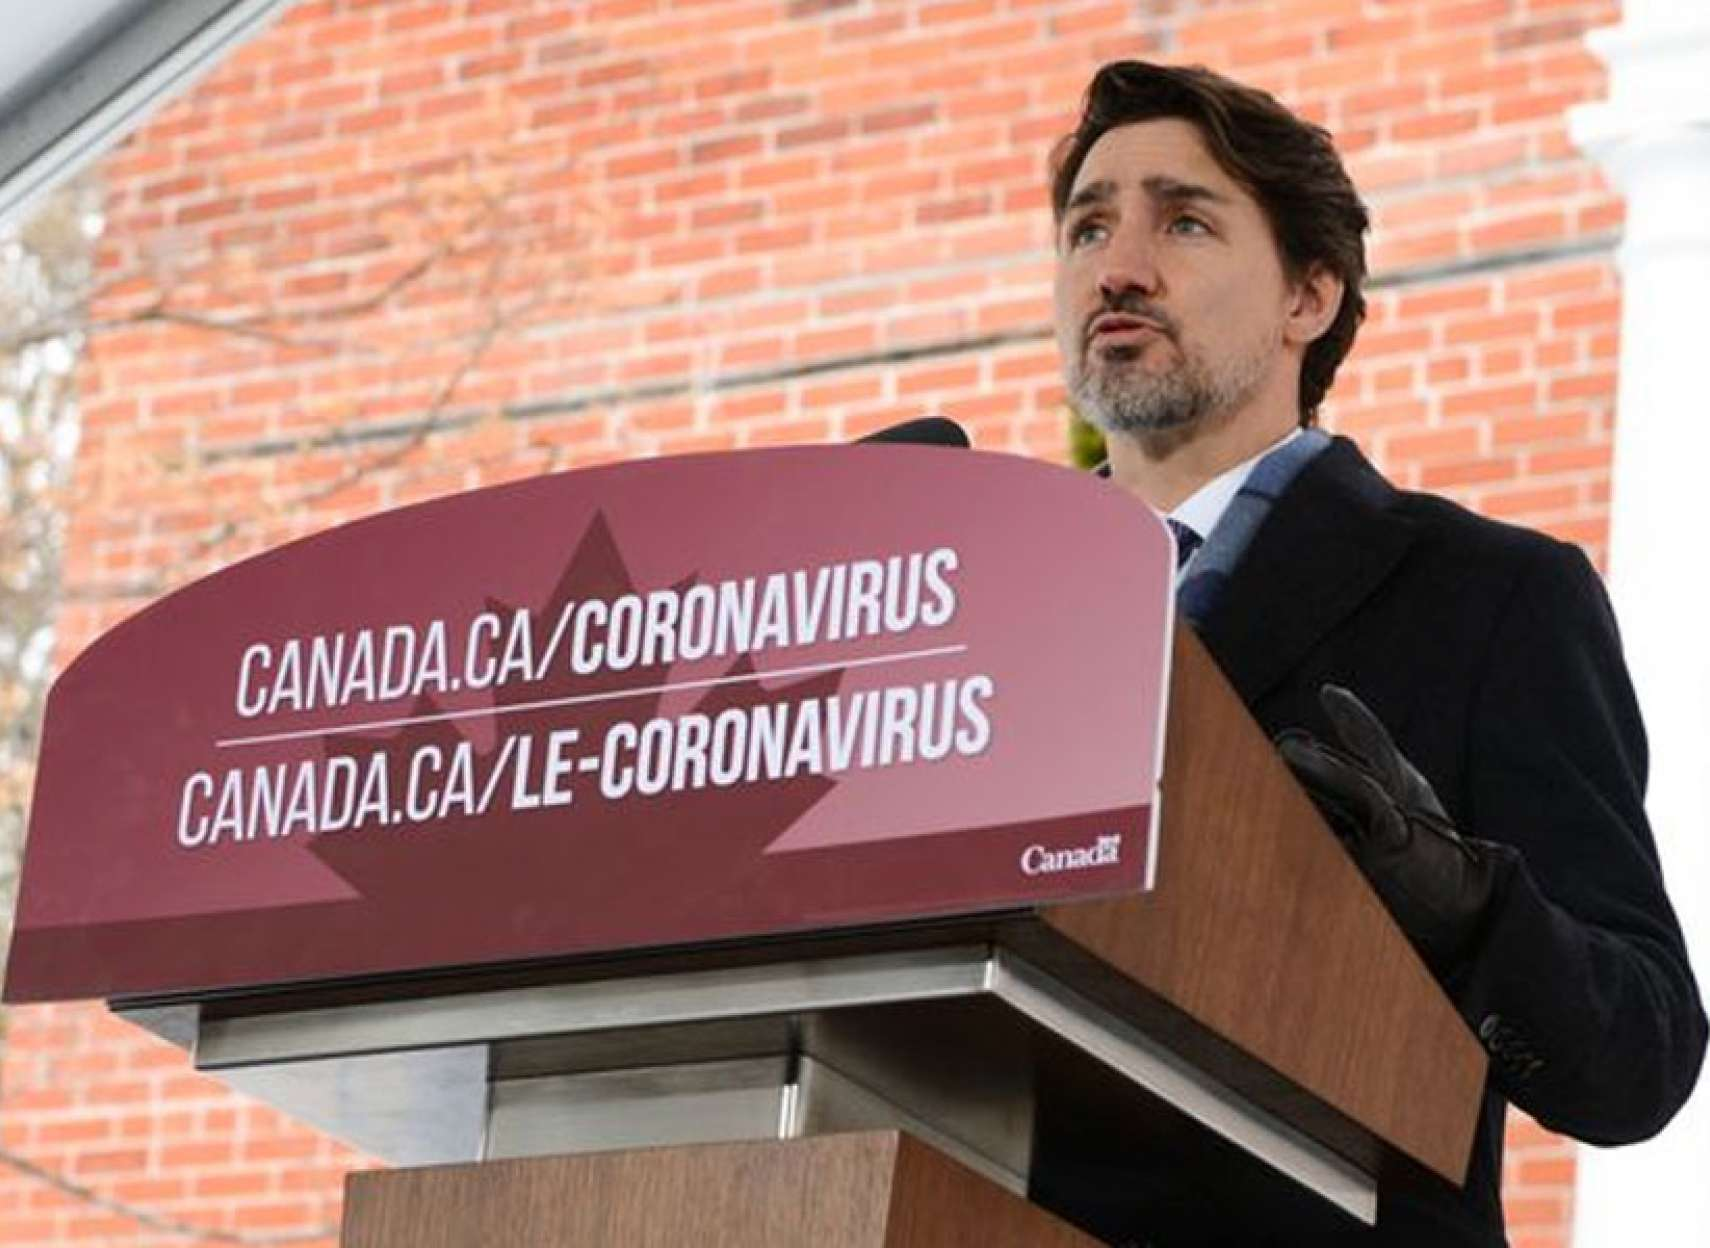 اخبار-کانادا-چگونگی-می-توانید-کمک-اضطراری-ماهی-2000-دلاری-کانادا-را-دریافت-کنید